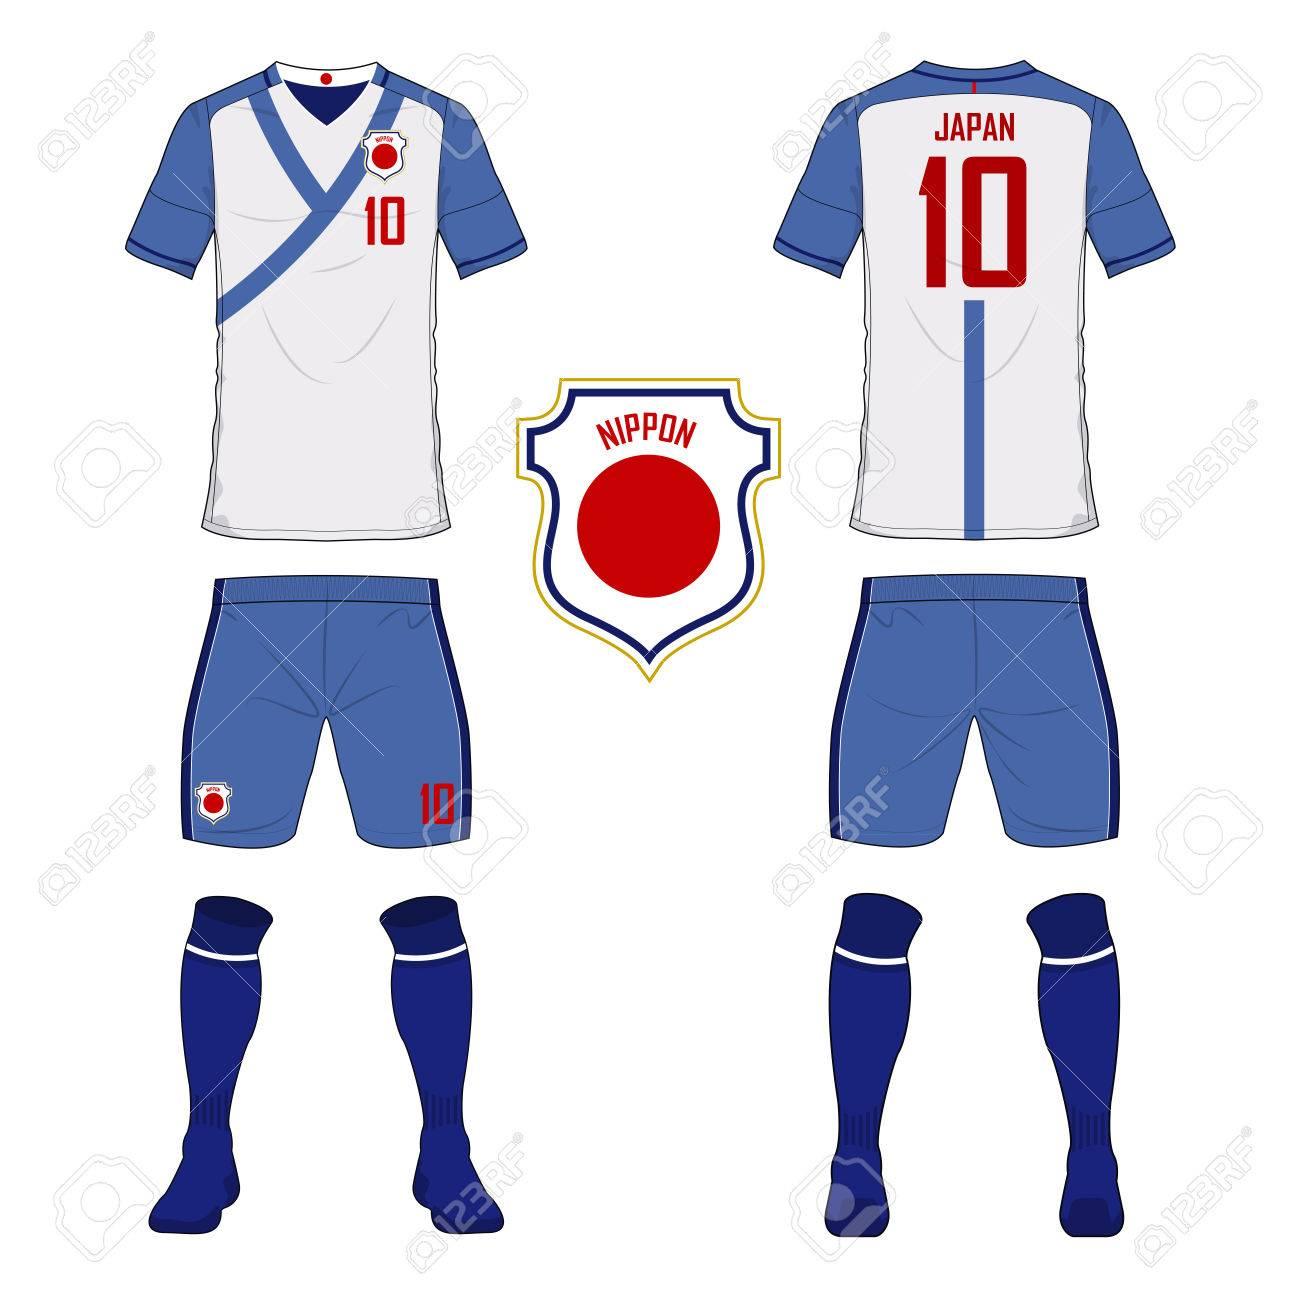 ensemble de maillot de foot ou un kit de football mod le pour le rh fr 123rf com